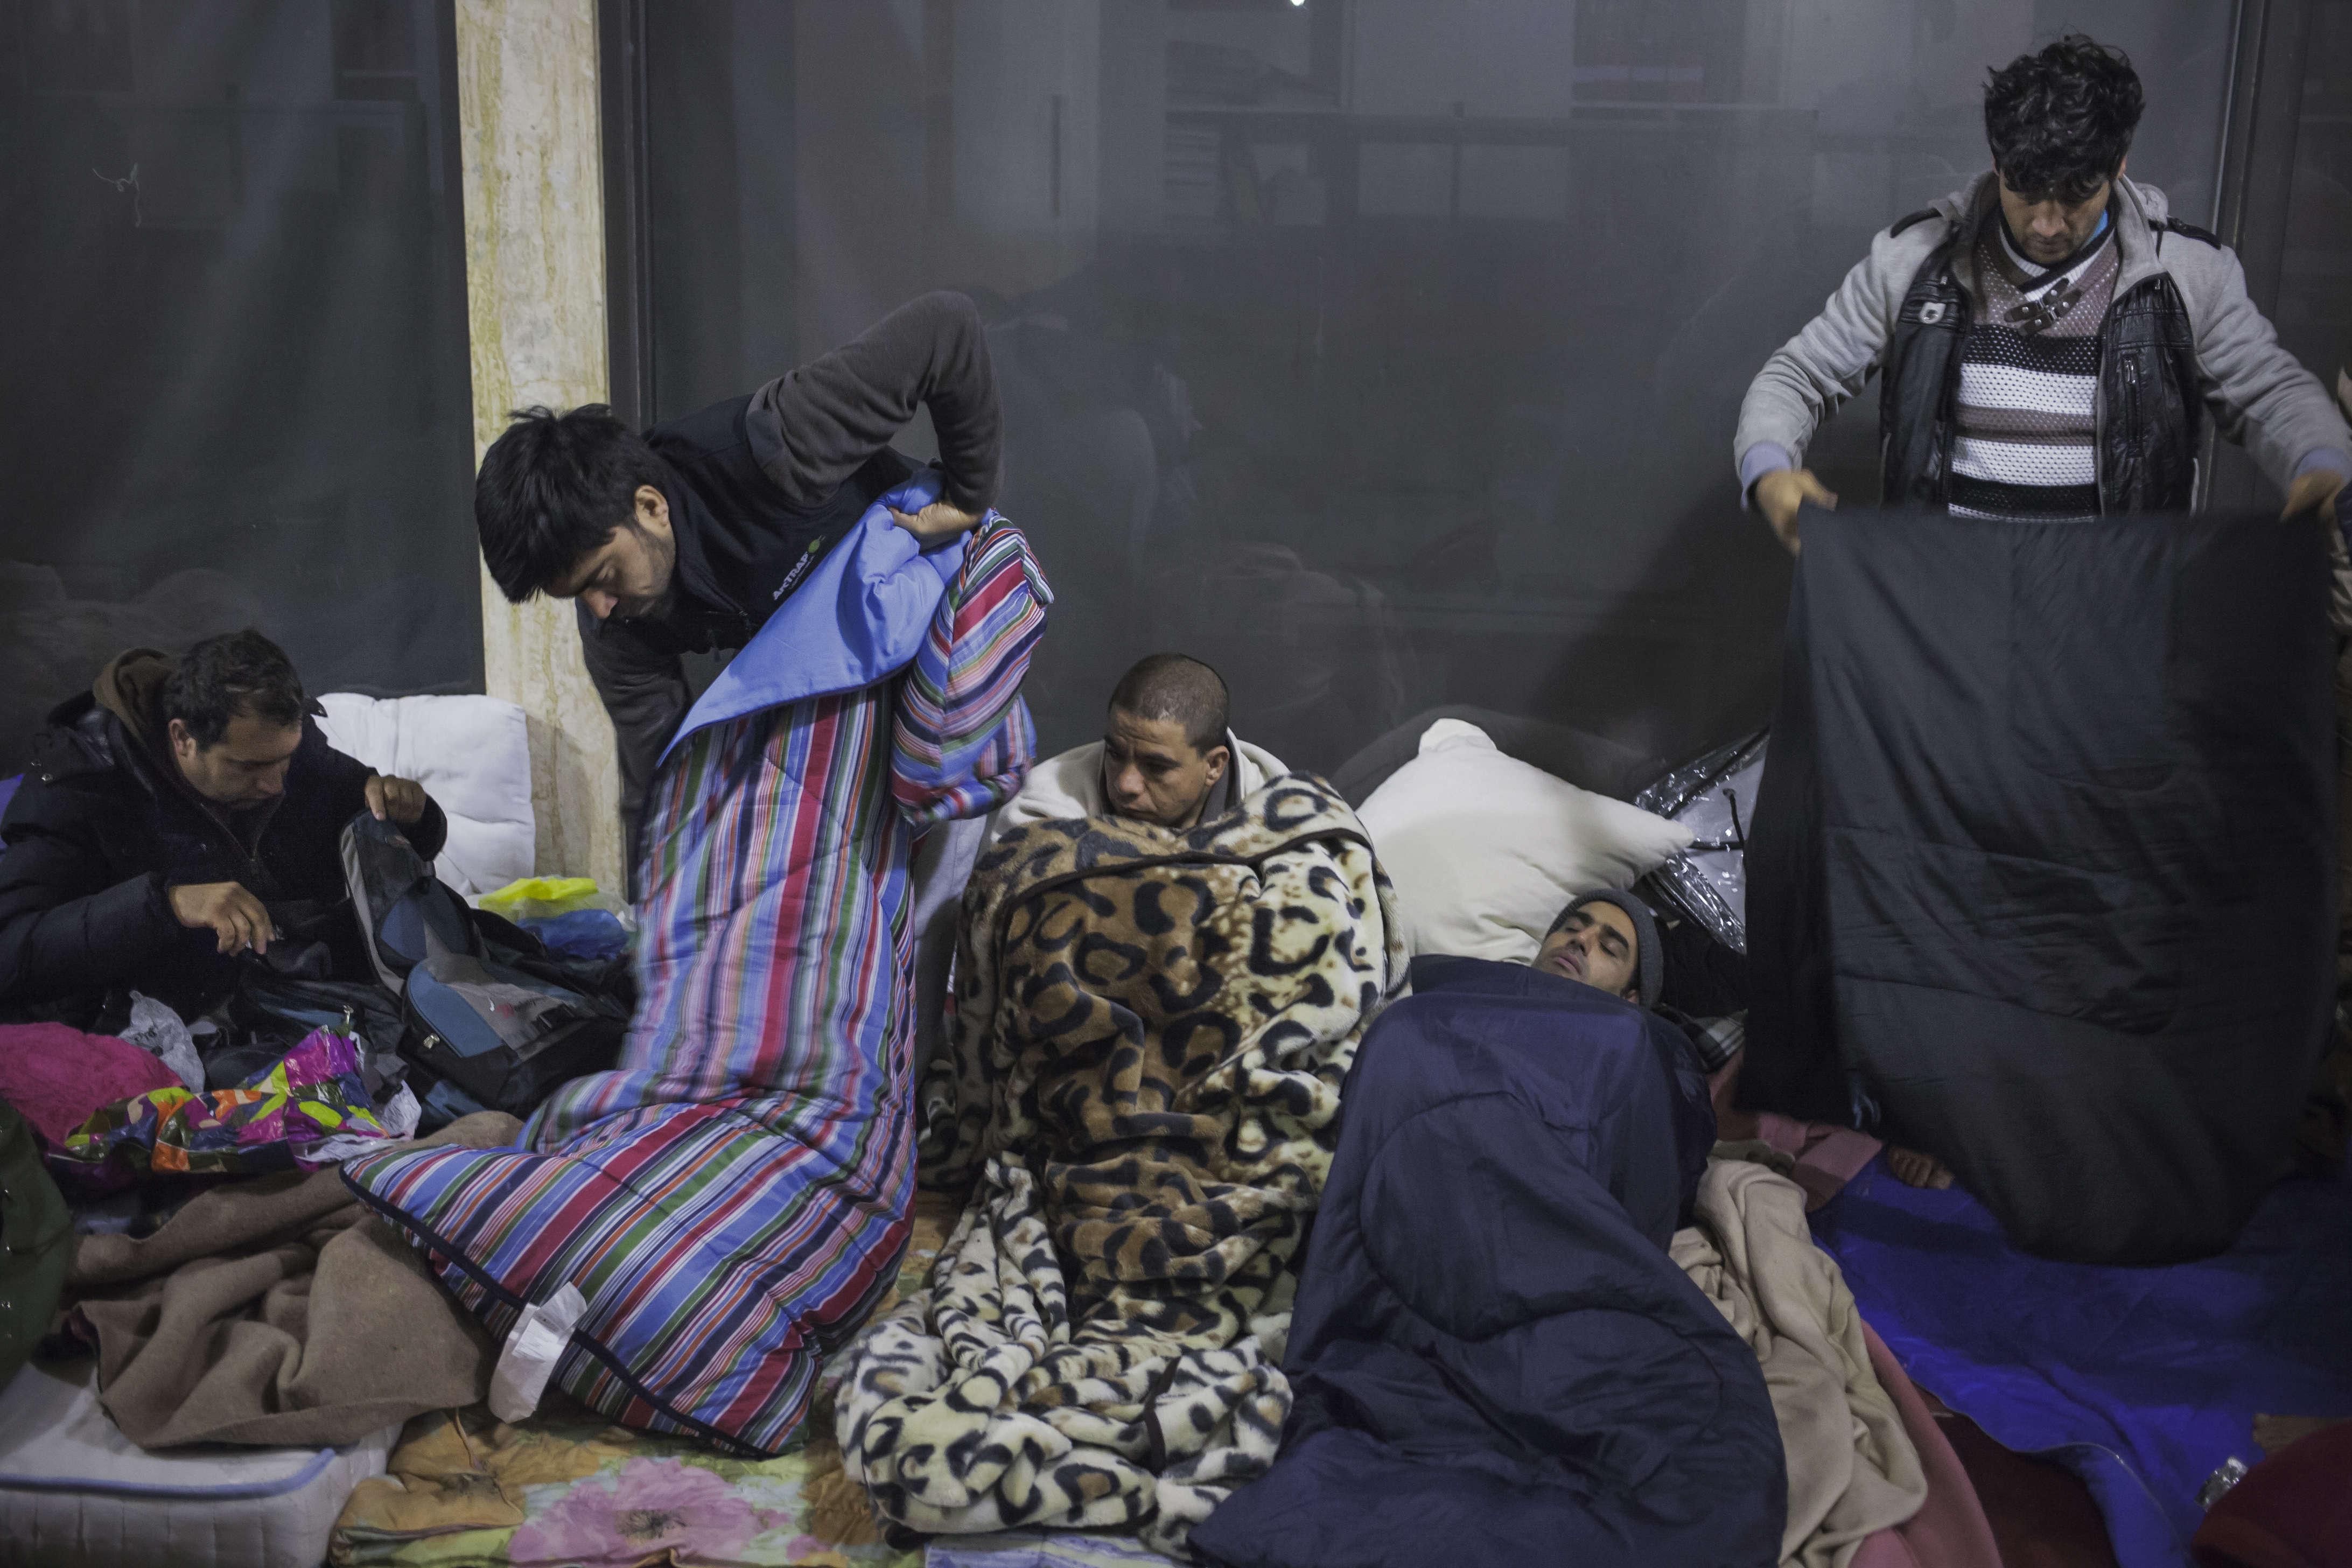 Chaque nuit, depuis des mois,  150 réfugiés afghans dorment sous les arcades  du square Raoul Follereau, dans le 10e arrondissement.